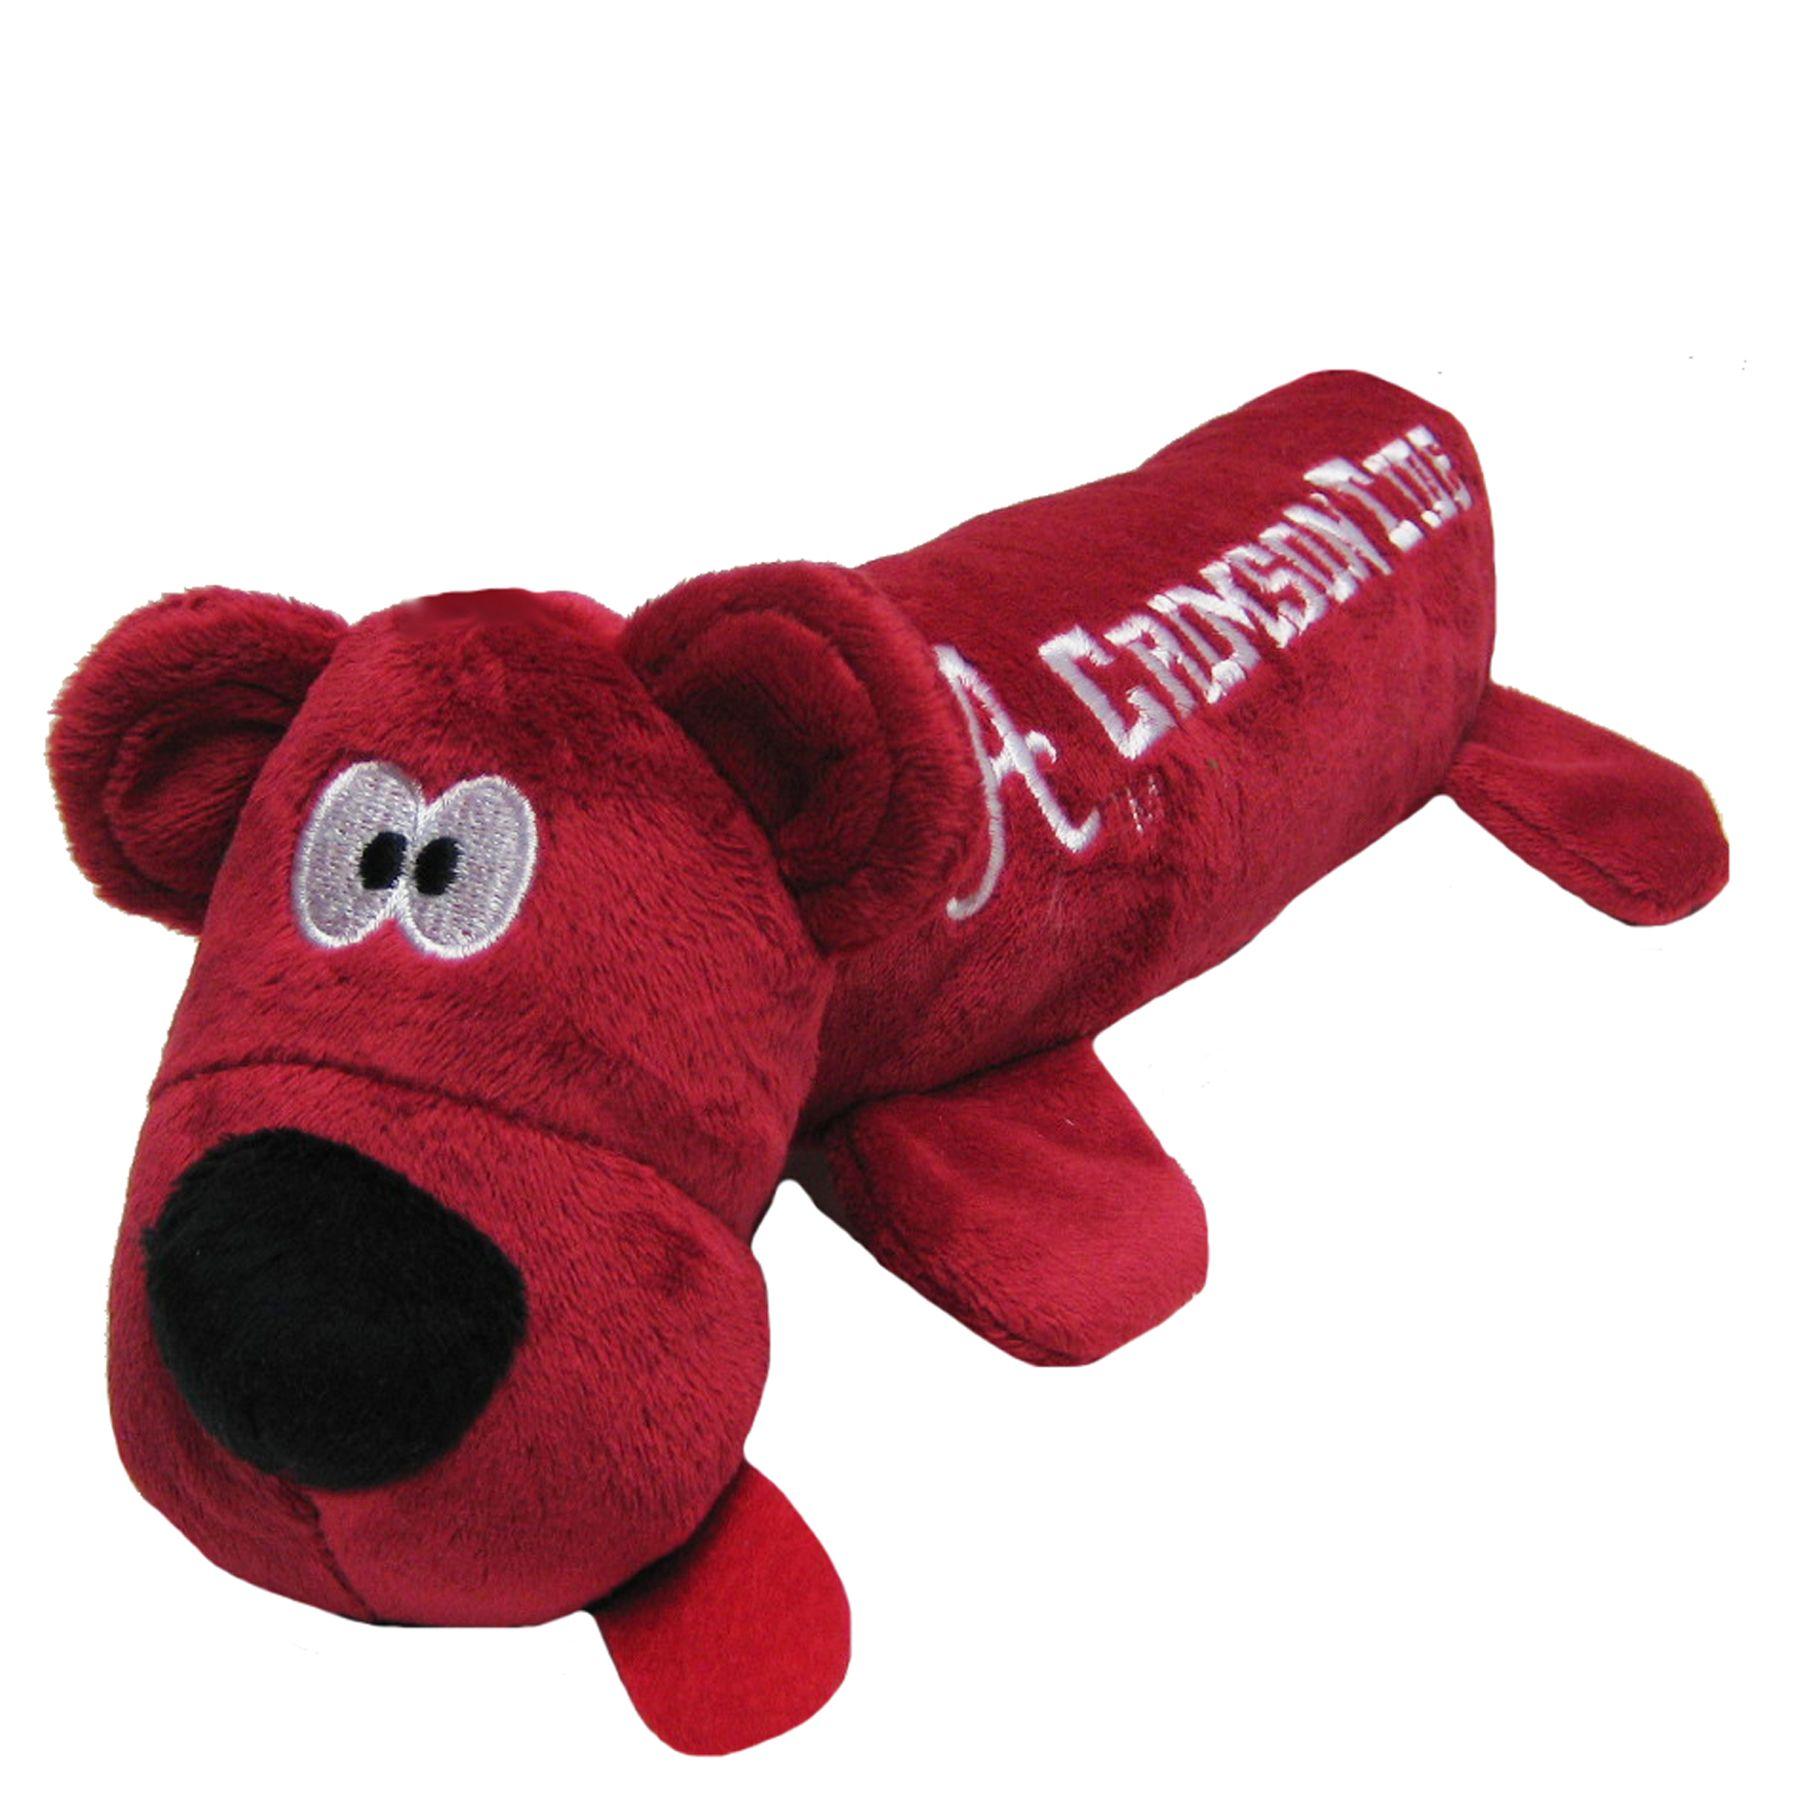 University of Alabama Crimson Tide Ncaa Tube Dog Toy 5243406